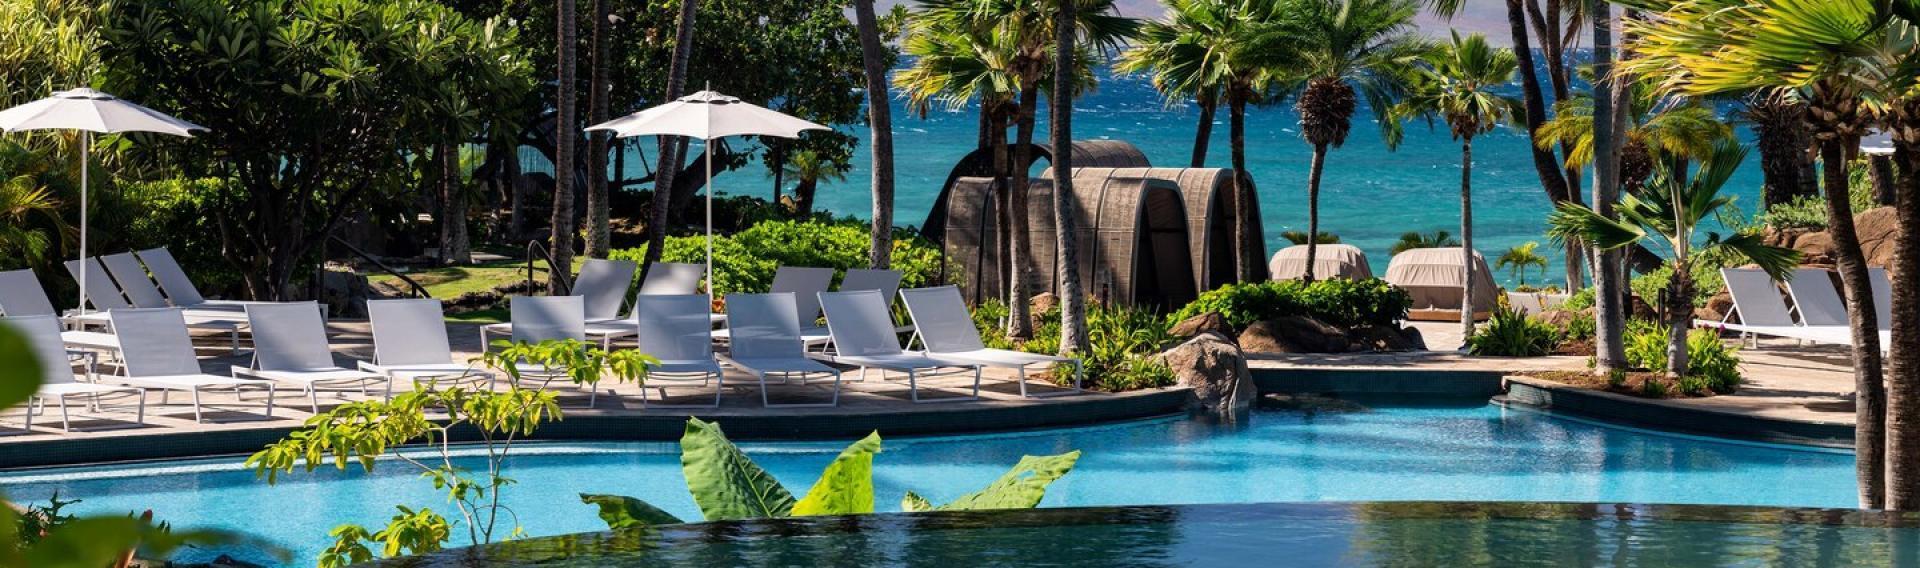 View of The Westin Maui Resort & Spa, Ka'anapali, Lahaina (Maui) Hawaii CME CLE CE destination.